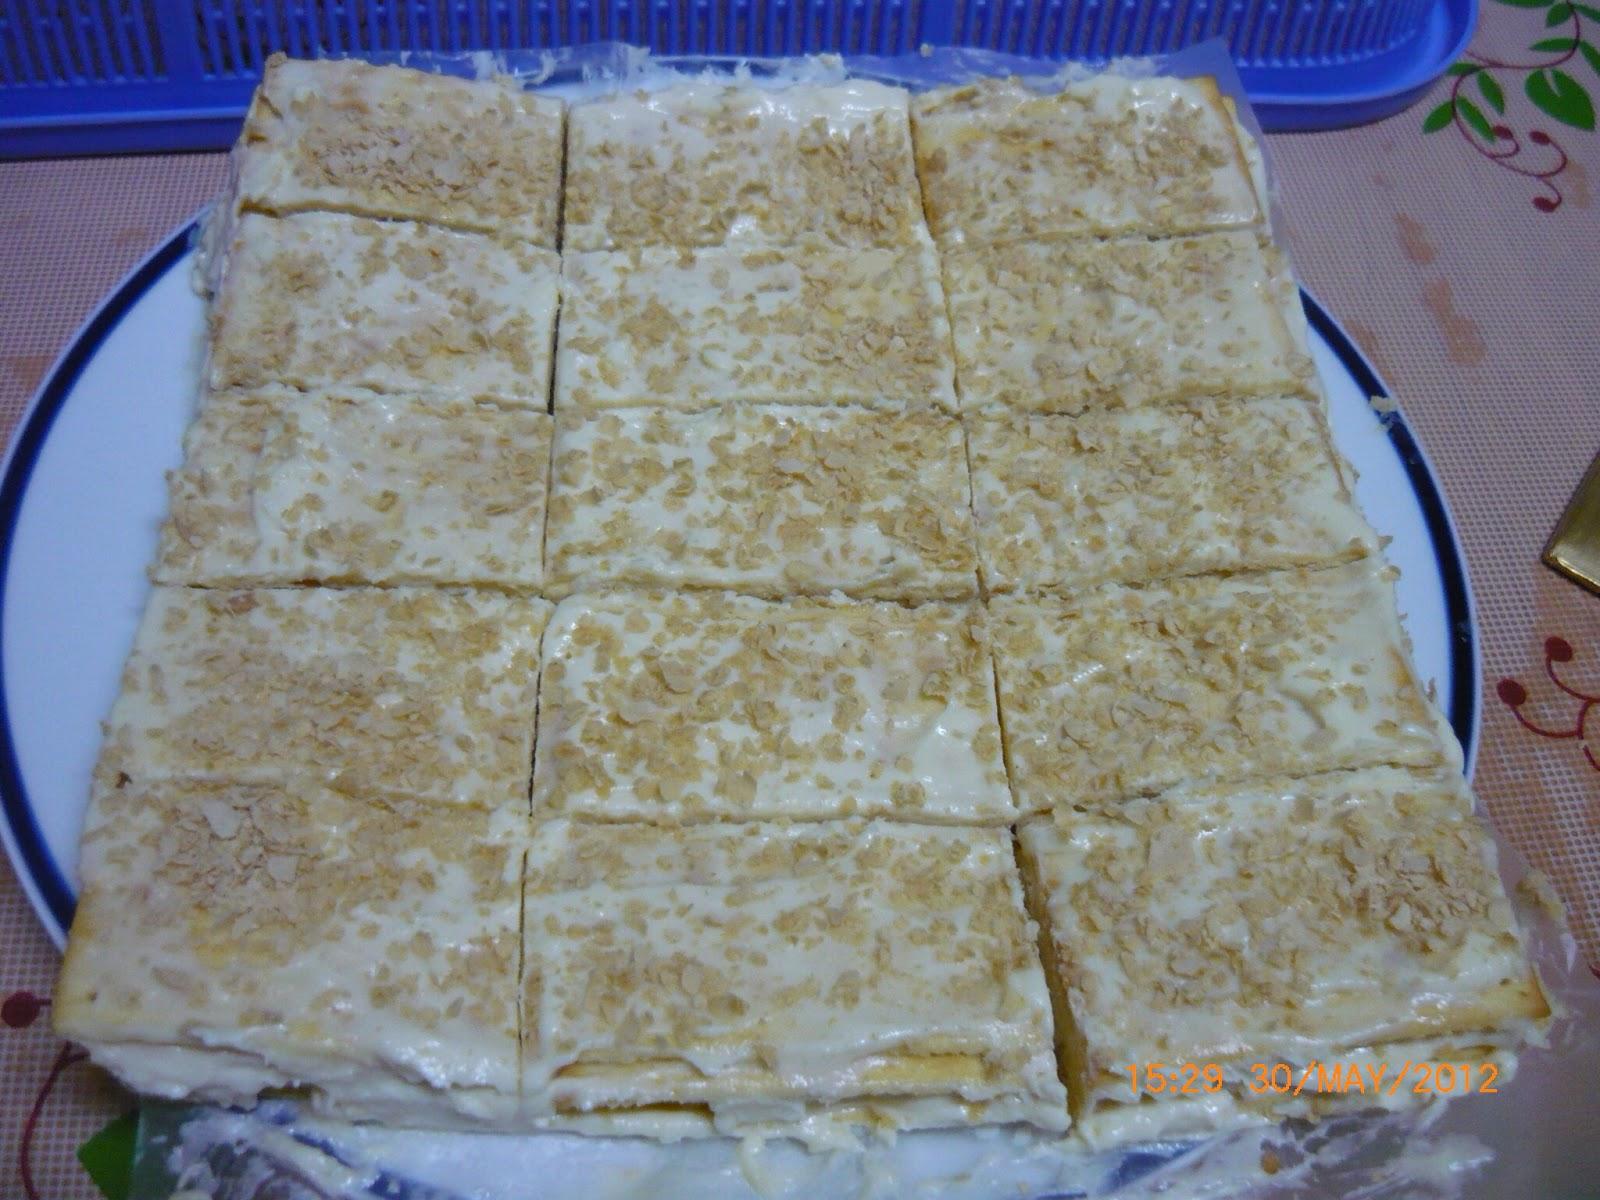 Resepi Biskut Raya 2013 Dan Kek Terkini: Resepi Biskut Lapis Cheese